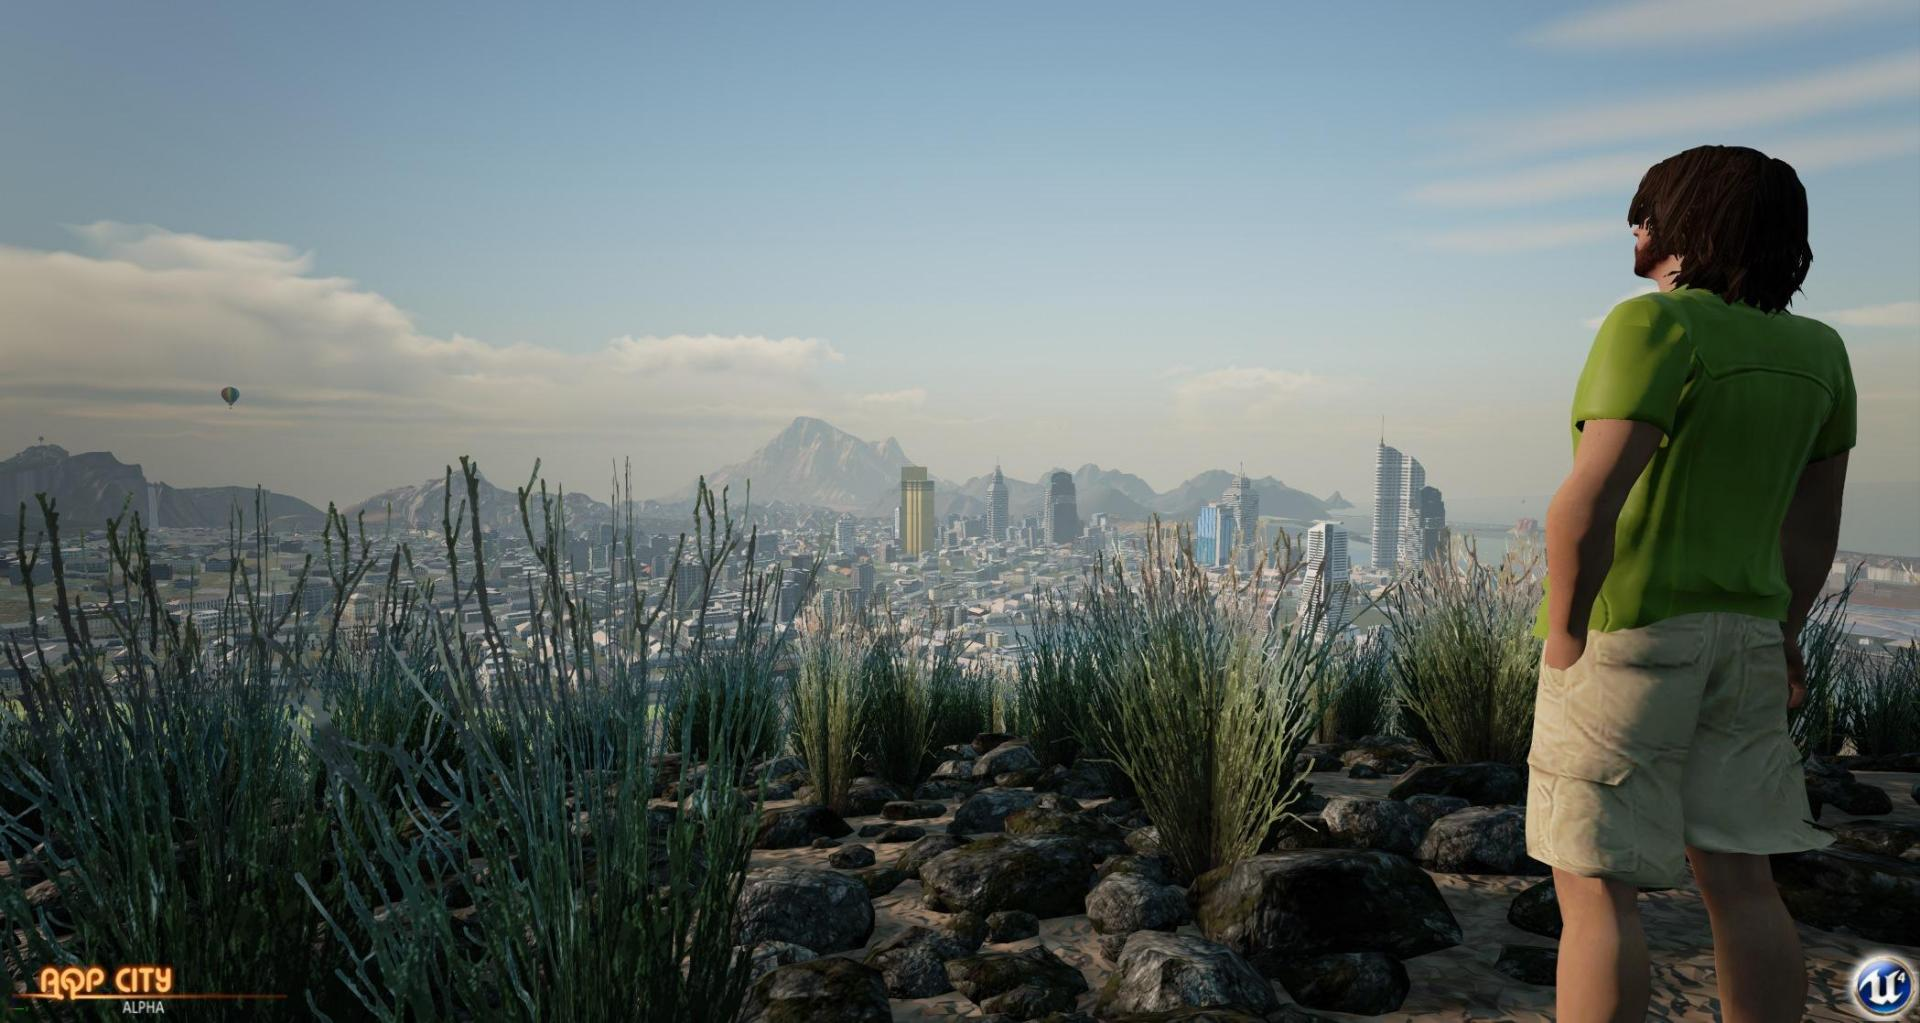 Трейлер игры AQP City или альтернатива играм серии GTA